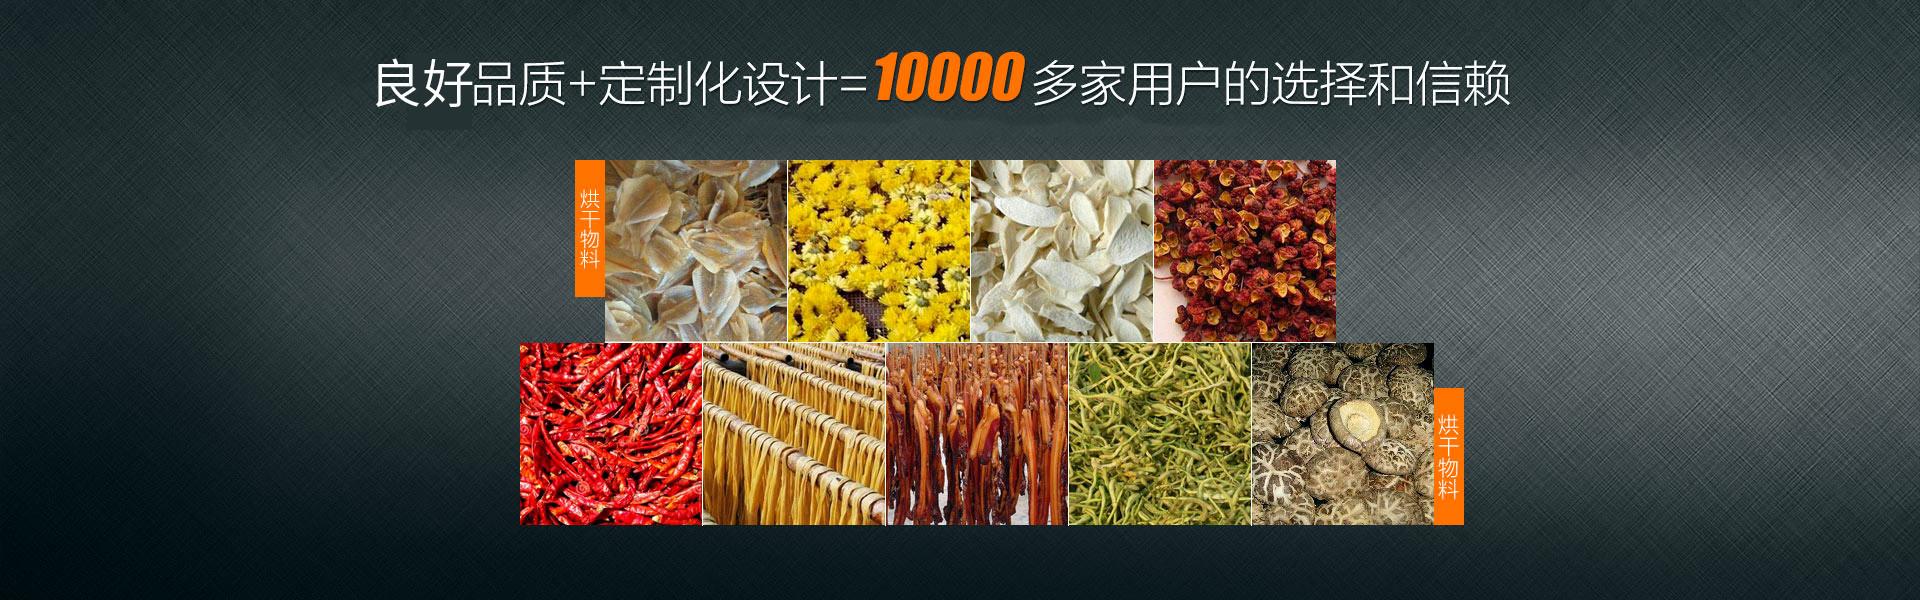 云南采金農業發展有限責任公司公司介紹